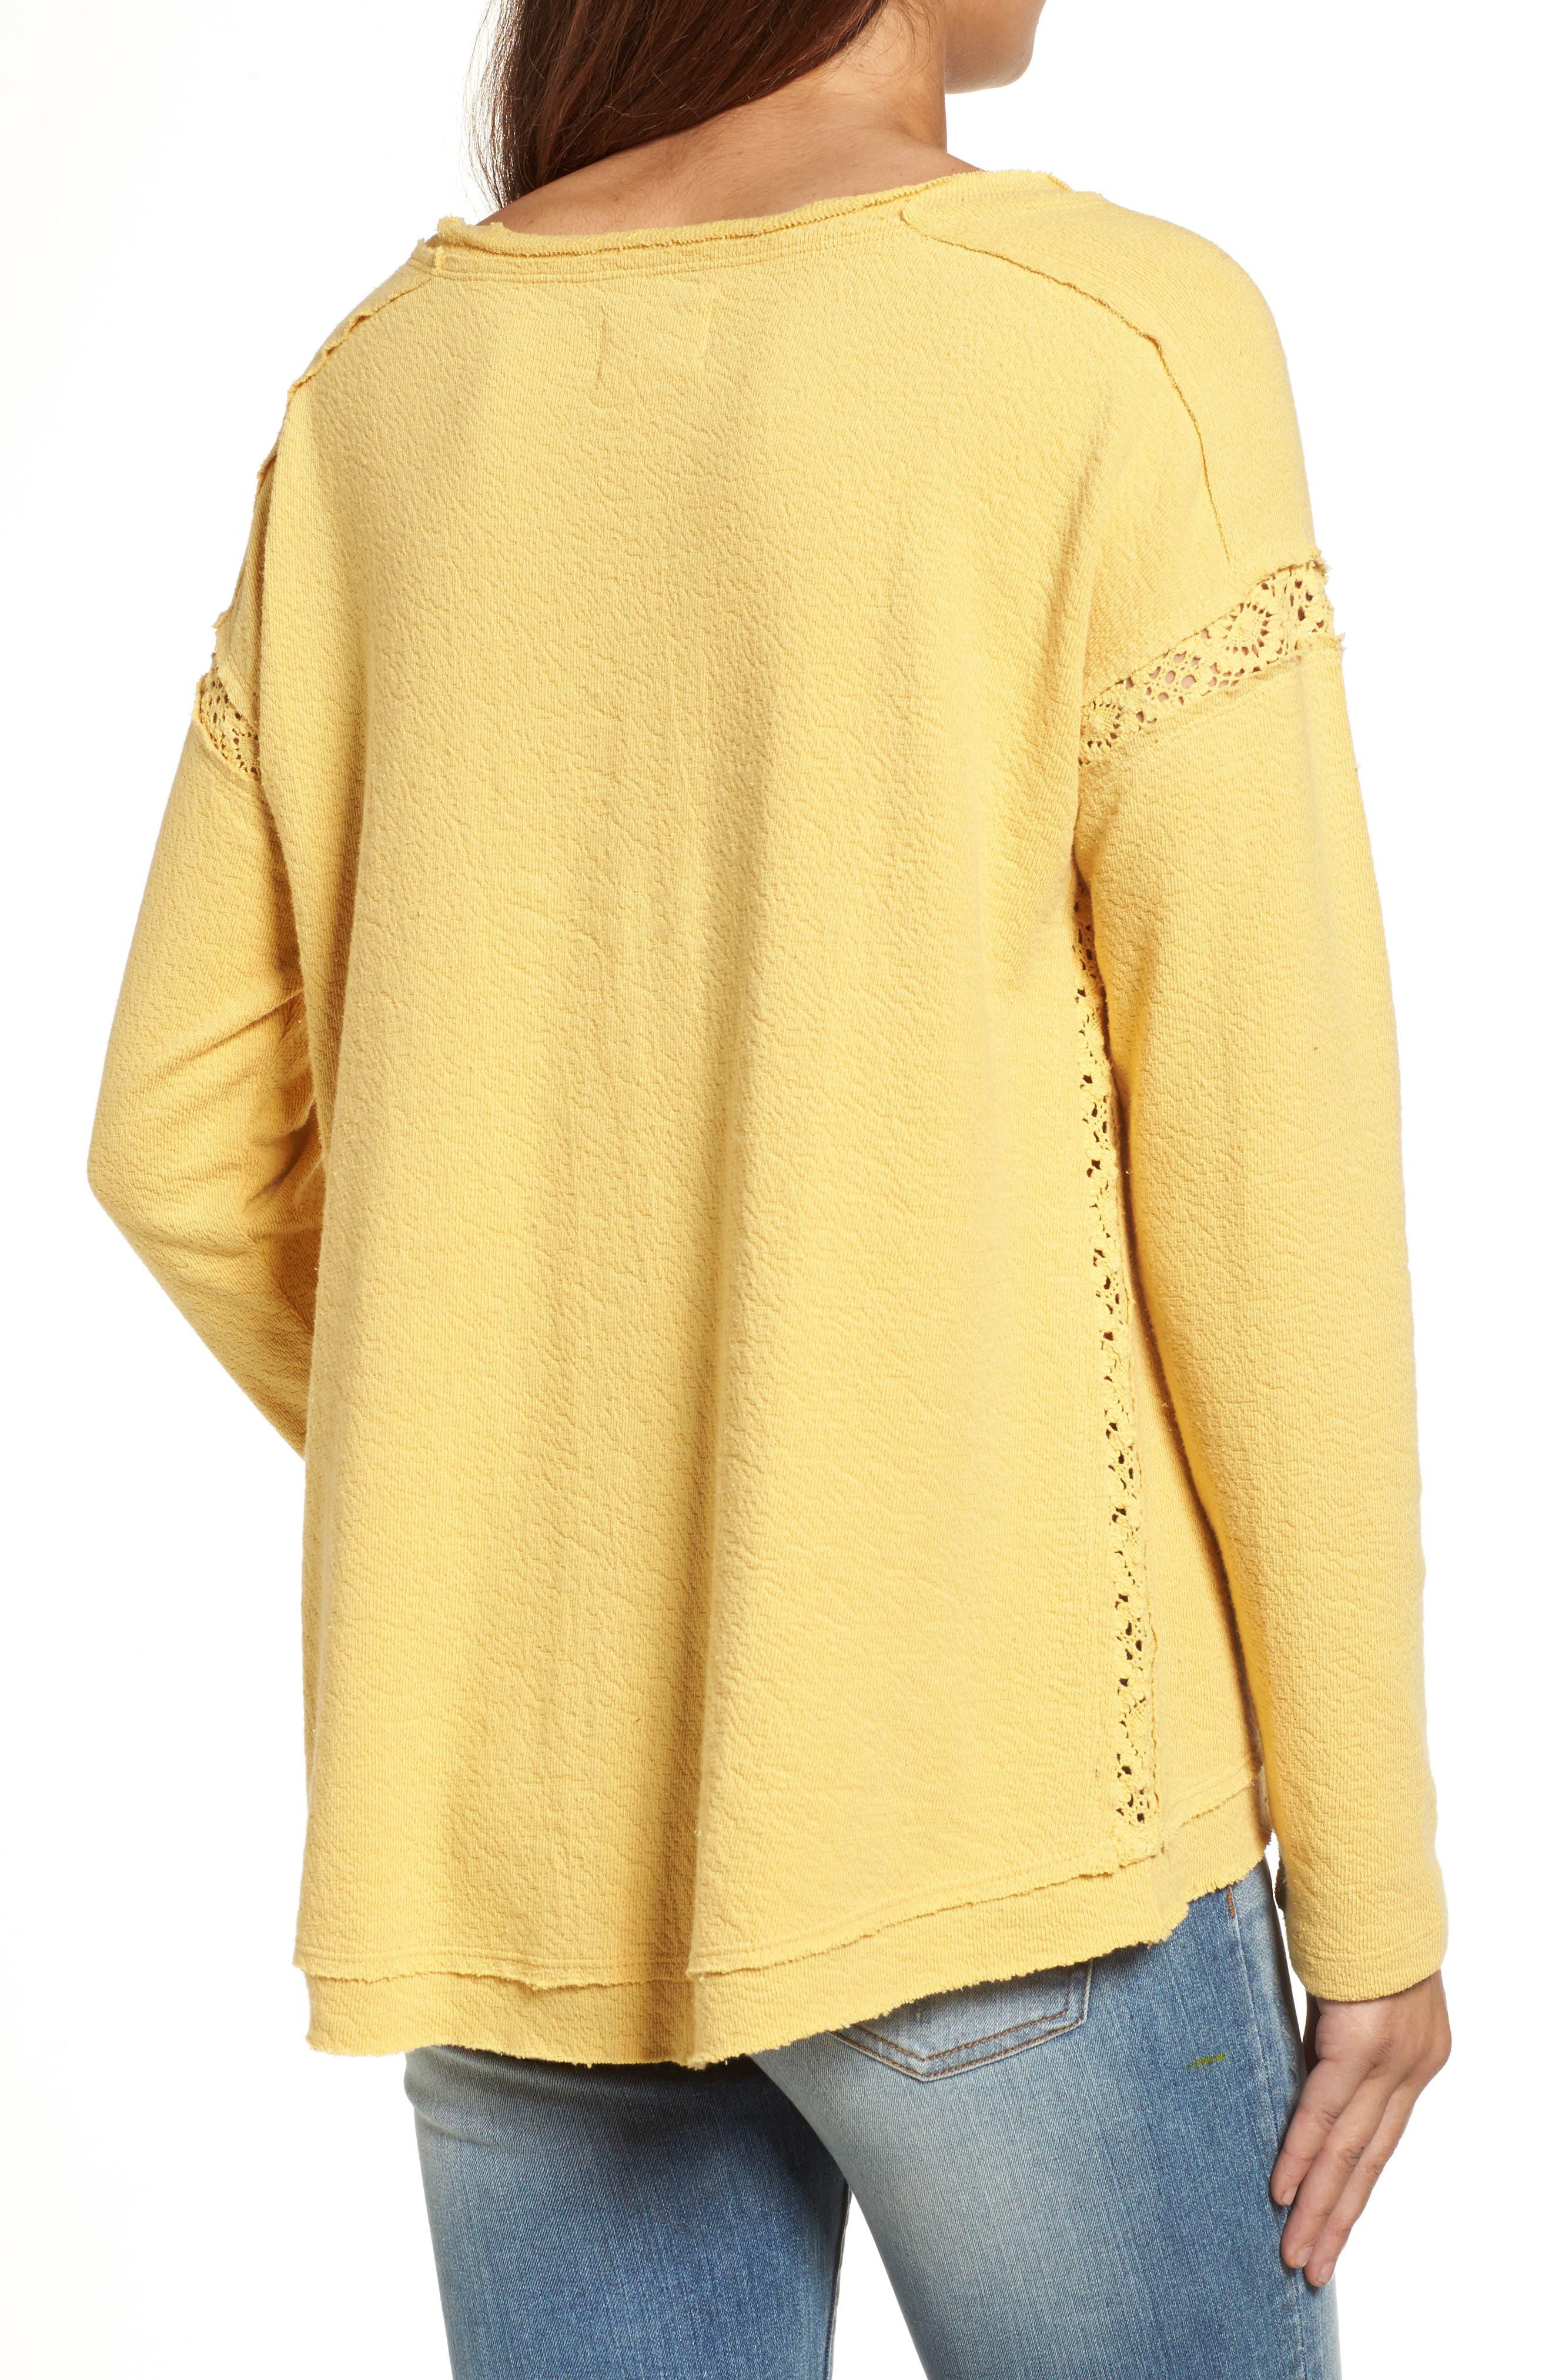 Alternate Image 2  - Caslon® Crochet Lace Trim Sweatshirt